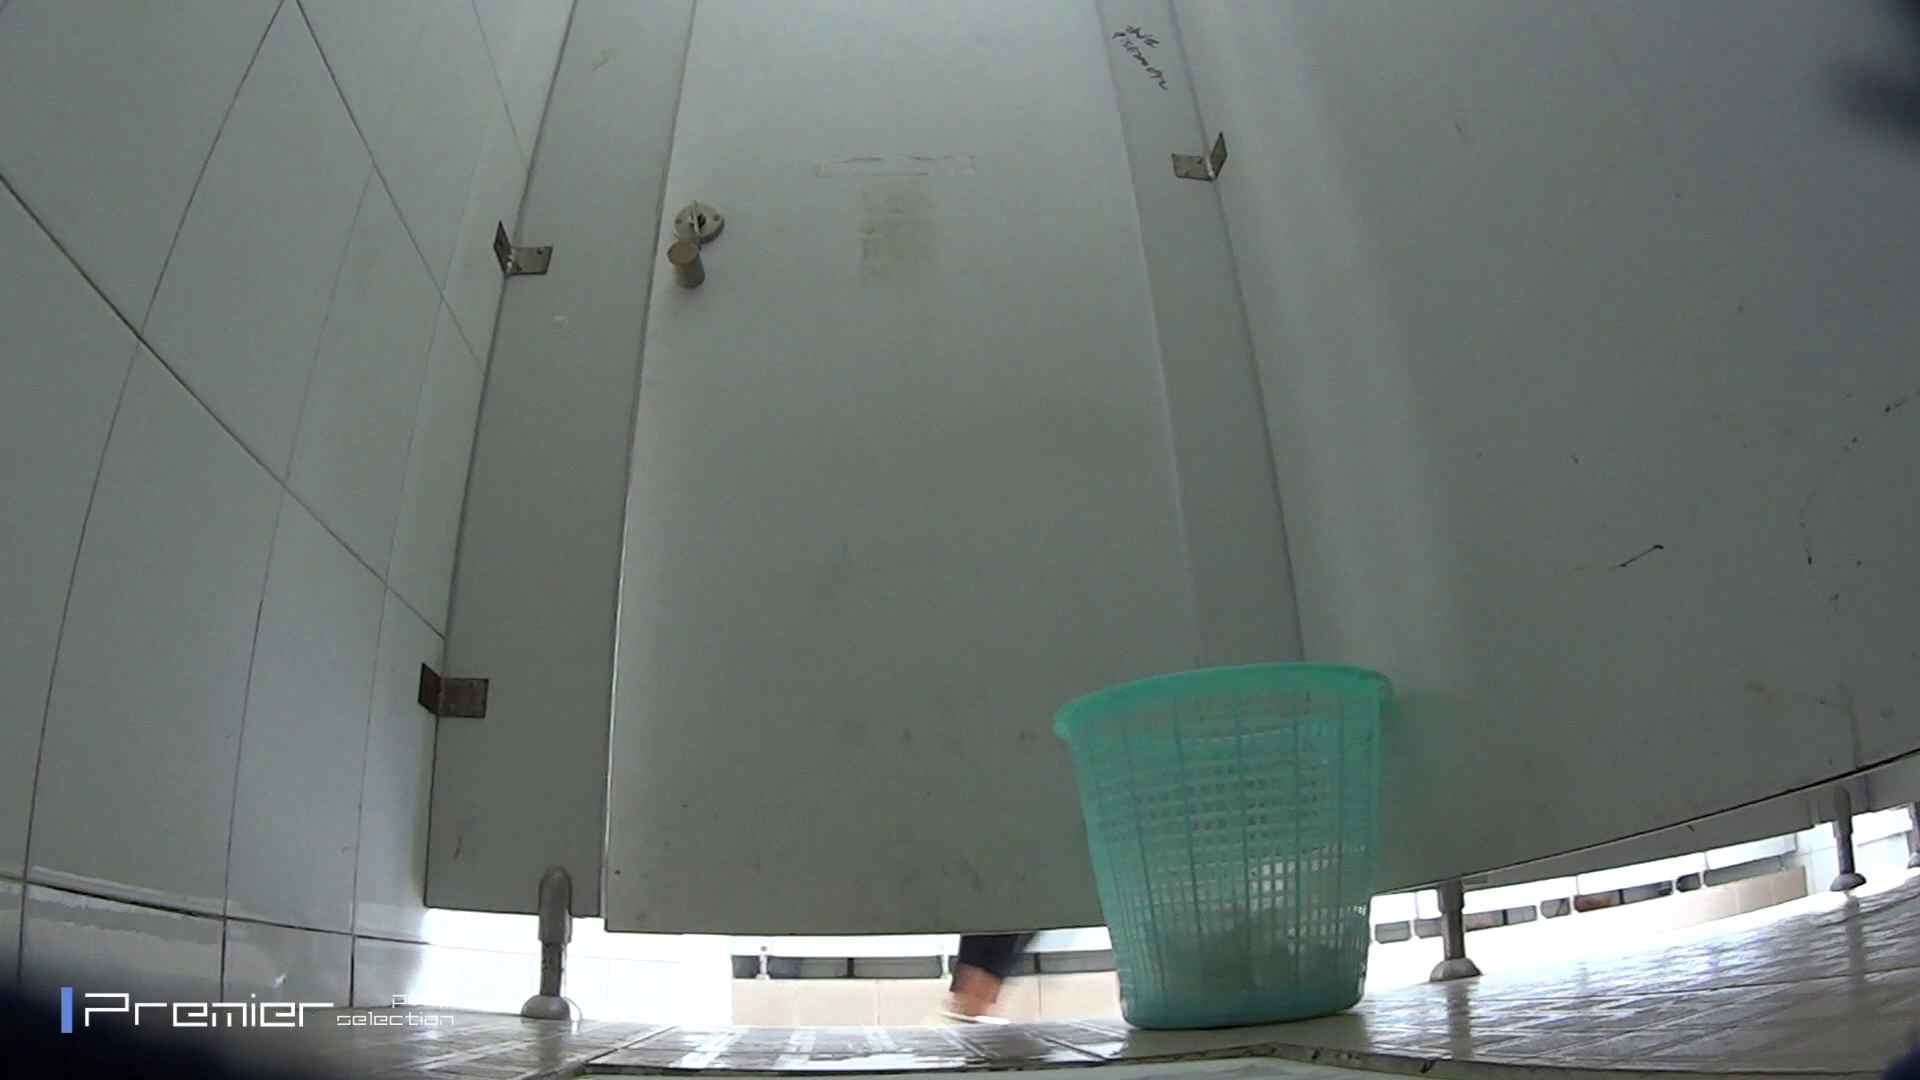 美しい女良たちのトイレ事情 有名大学休憩時間の洗面所事情06 盗撮エロすぎ | トイレ中  55連発 22